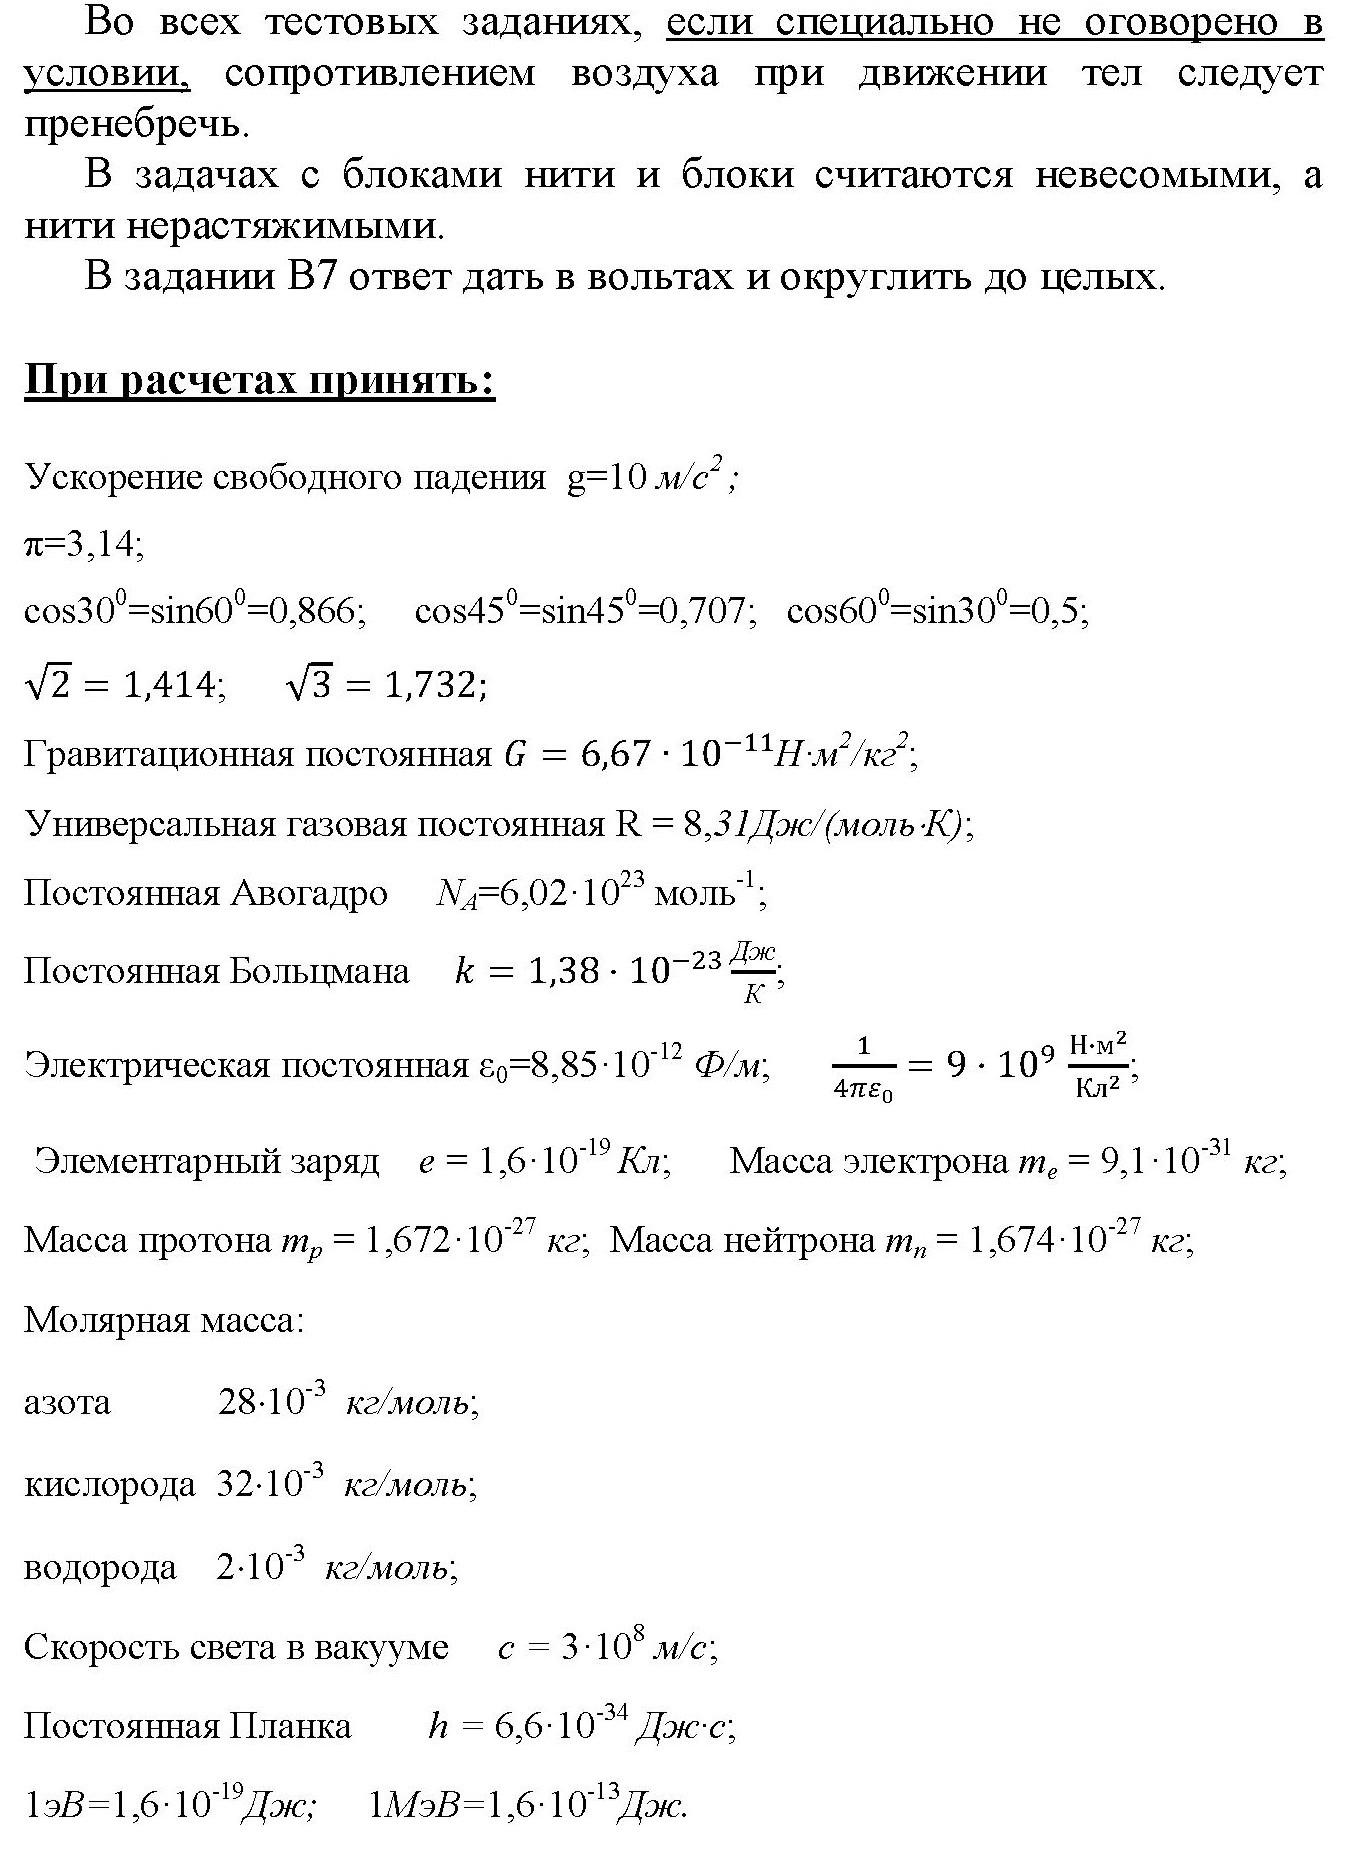 Вопросы и ответы на билеты по физике 2018 год 9 класс